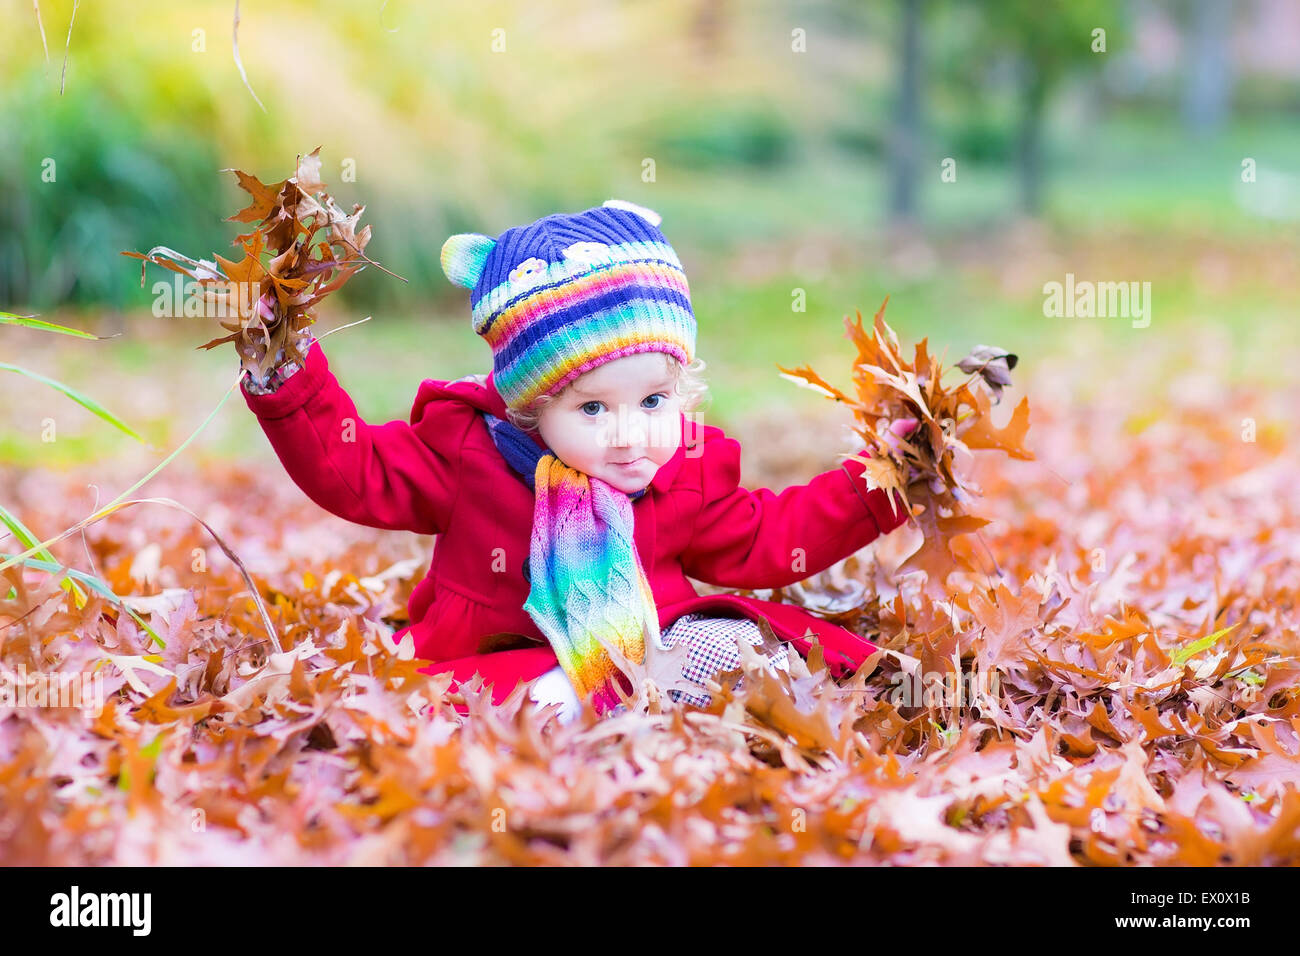 Entzückende Kleinkind Mädchen mit einem bunten Schal und Mütze mit rote Blätter im Herbst Park Stockbild